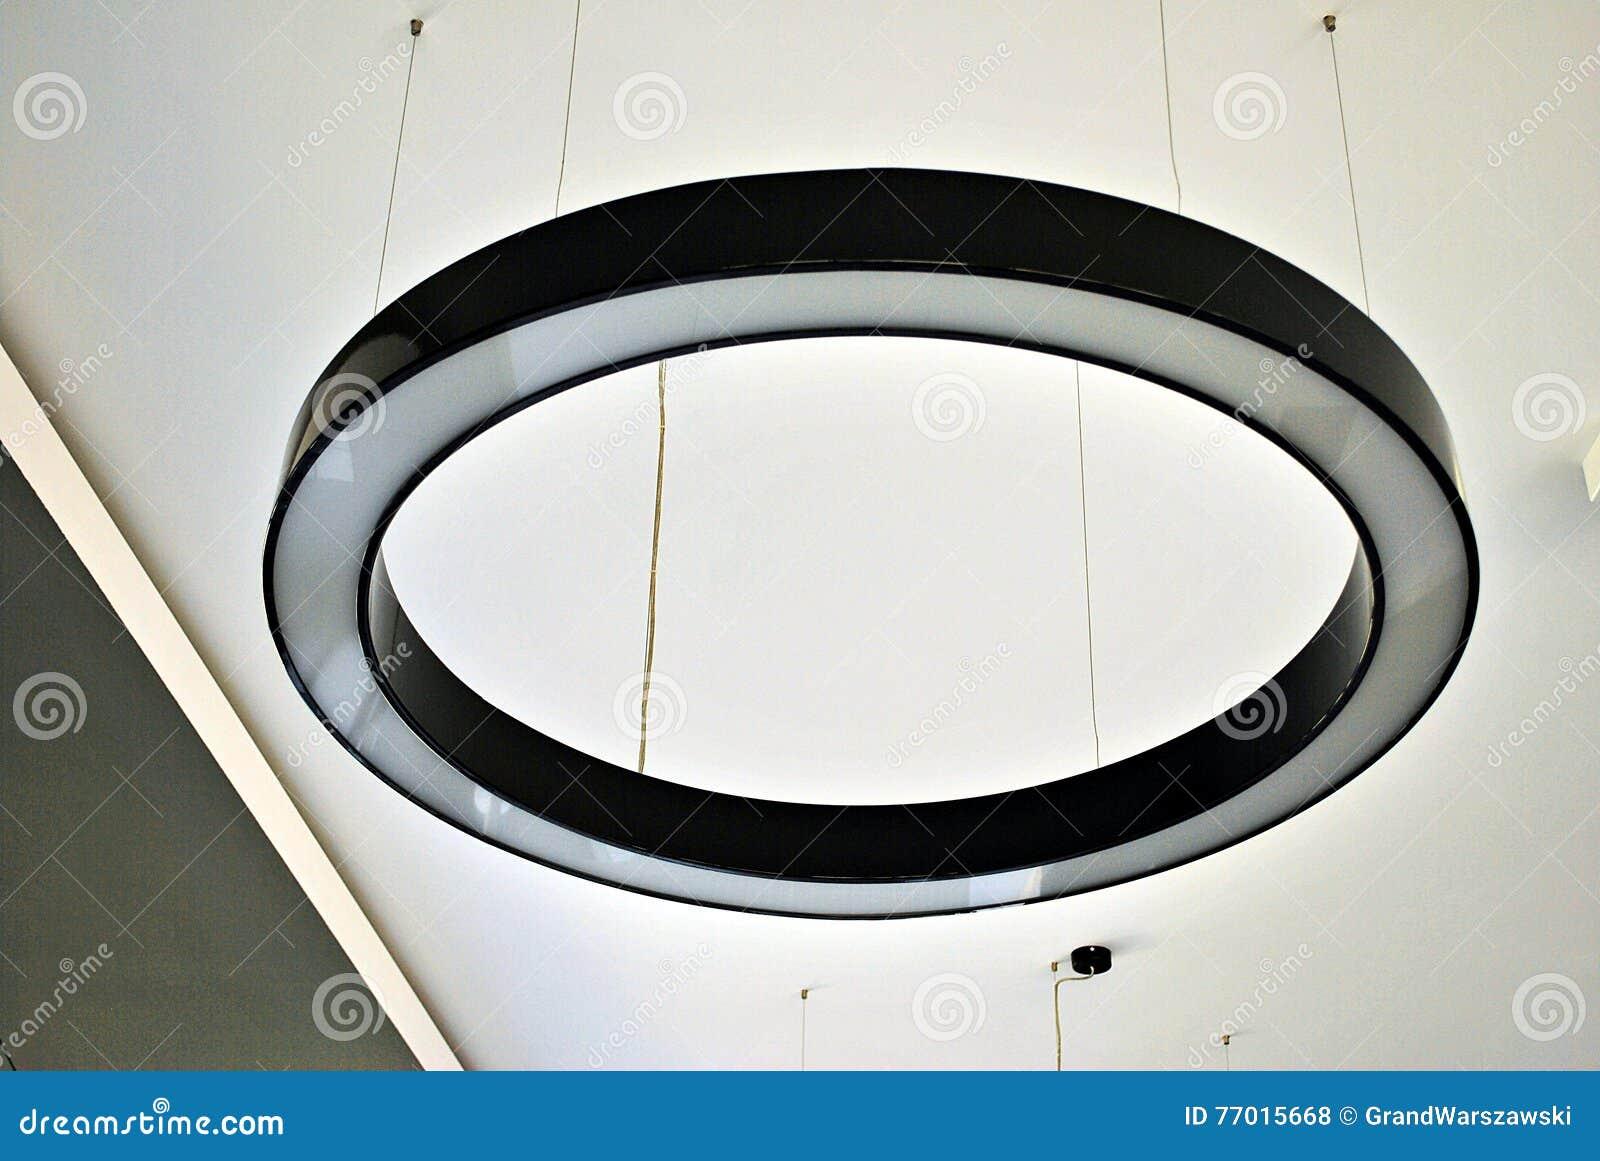 Plafoniere Da Esterno Rotonde : Plafoniera rotonda fotografia stock. immagine di colore 77015668